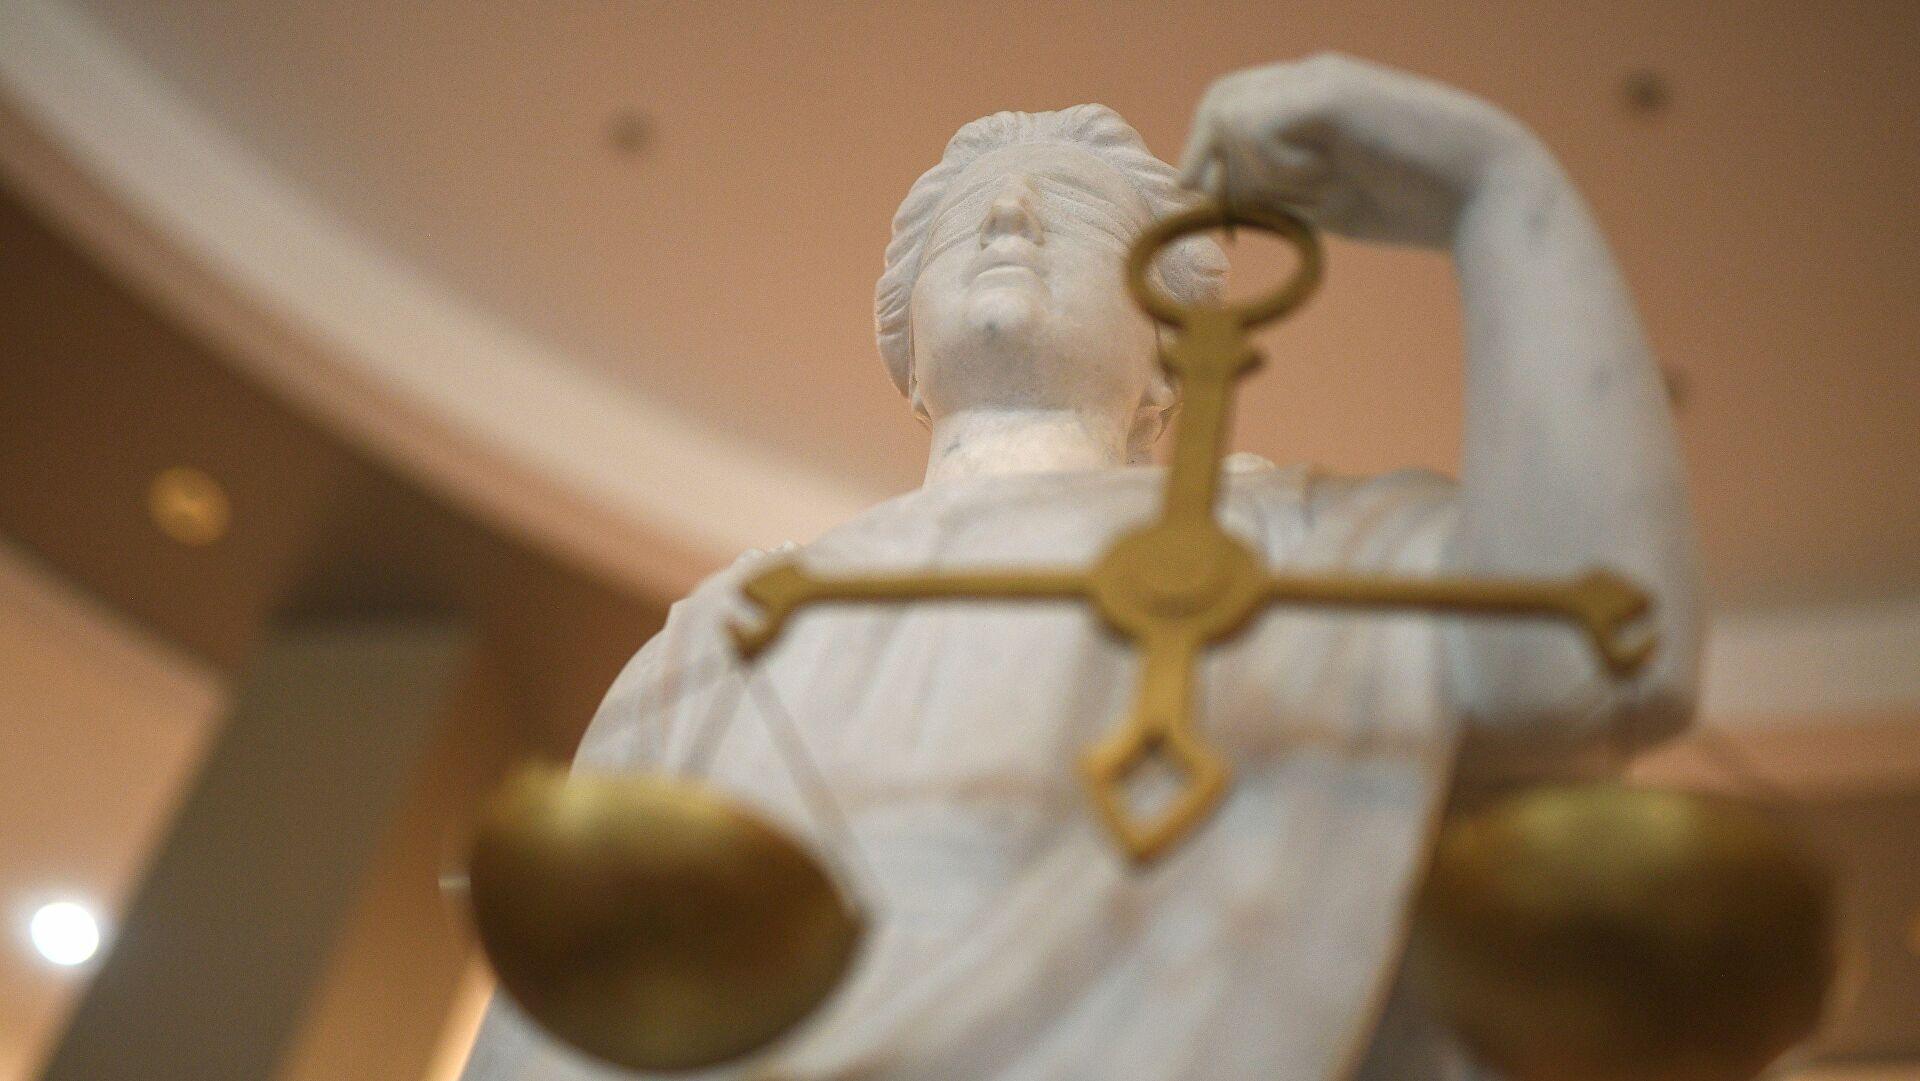 Суд арестовал имущество депутата Госдумы Ковпака иего семьи